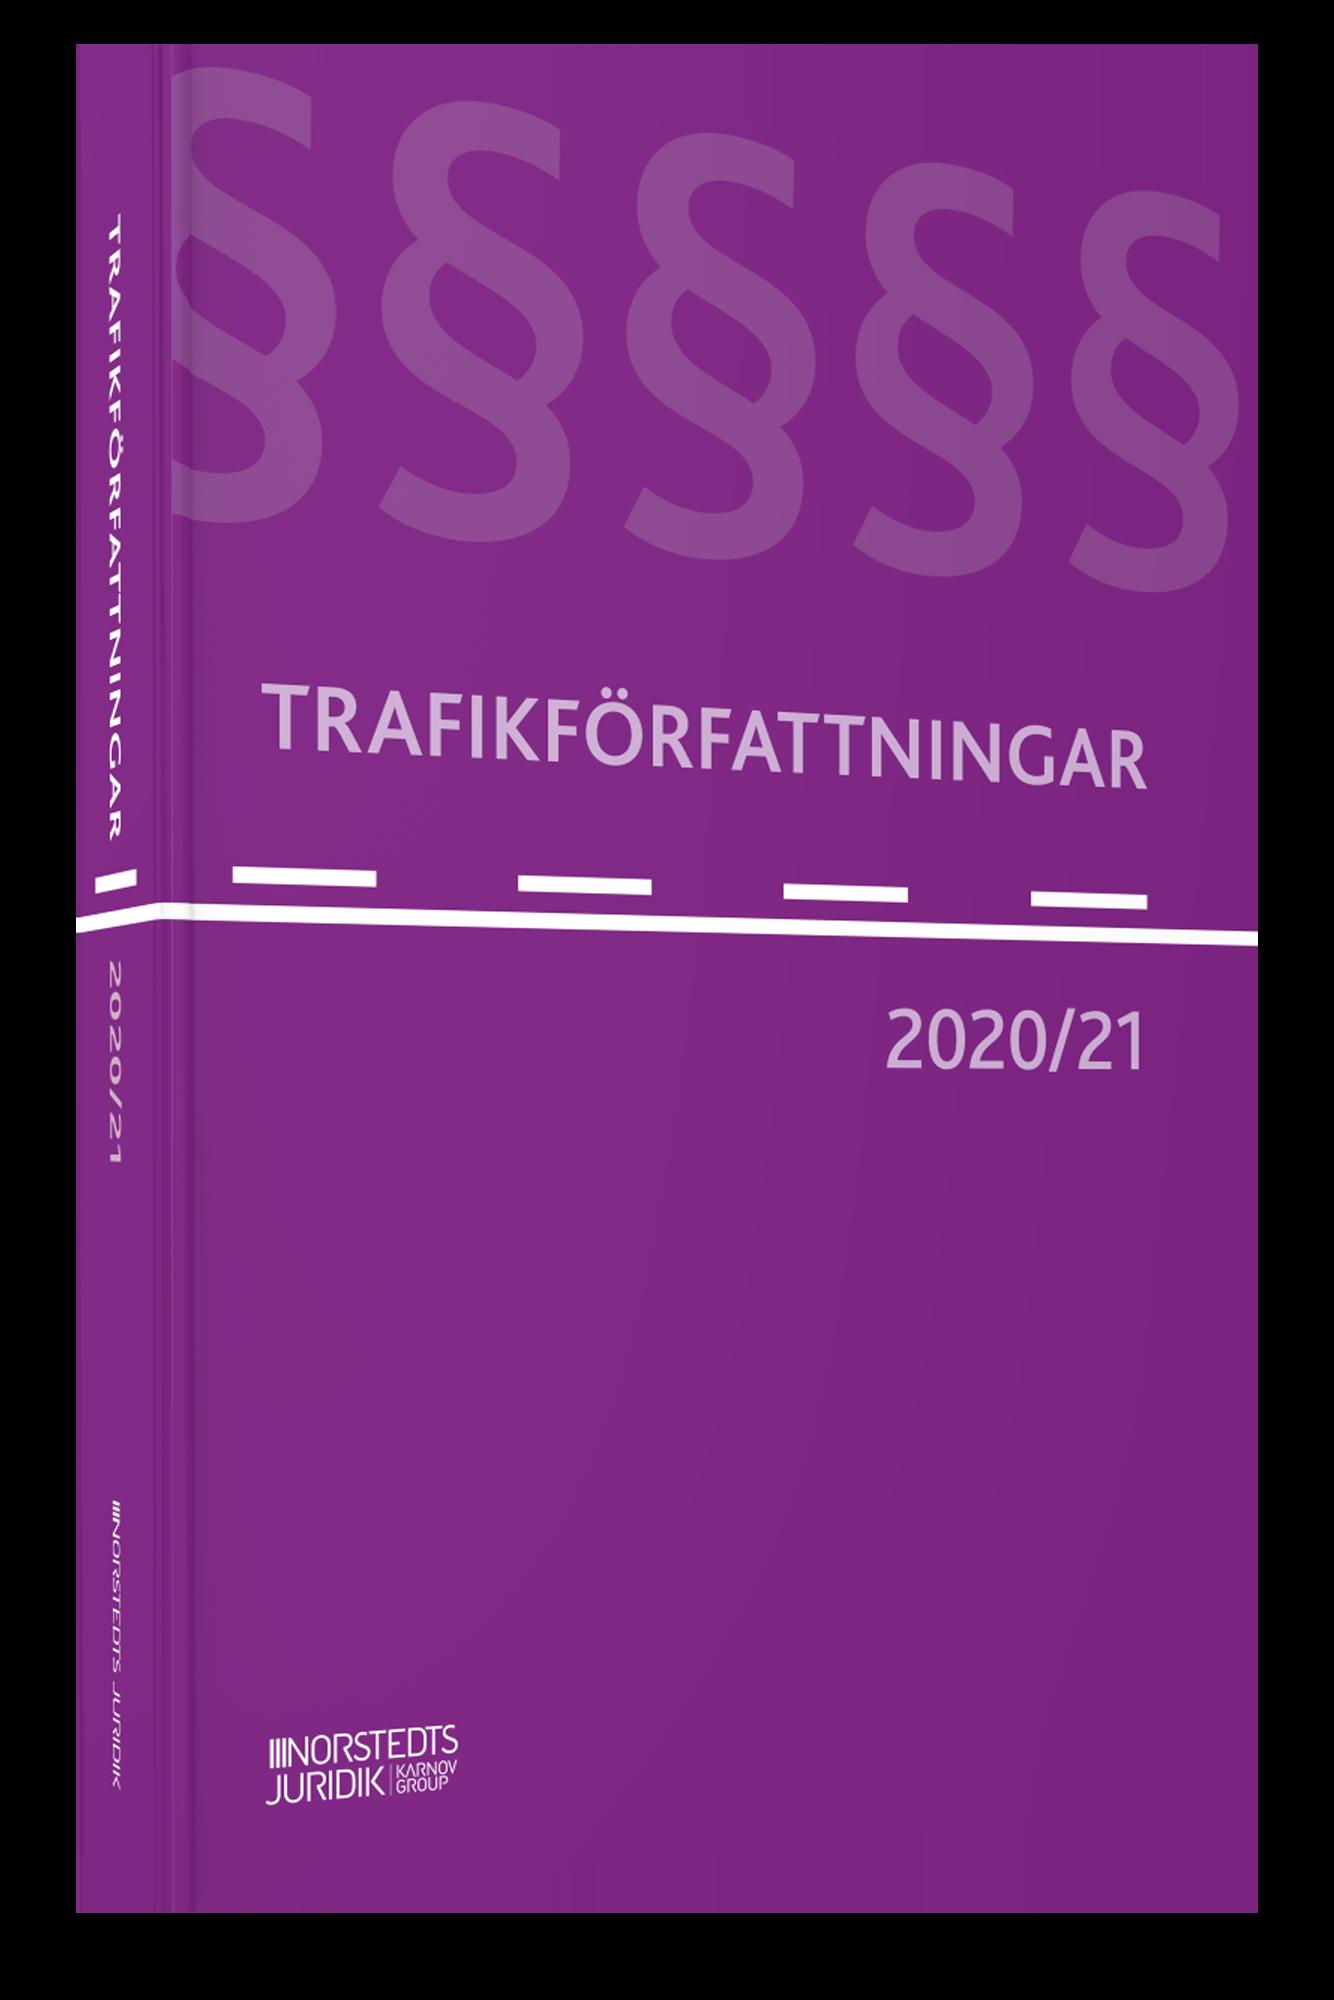 Trafikfortattningar  2020/21